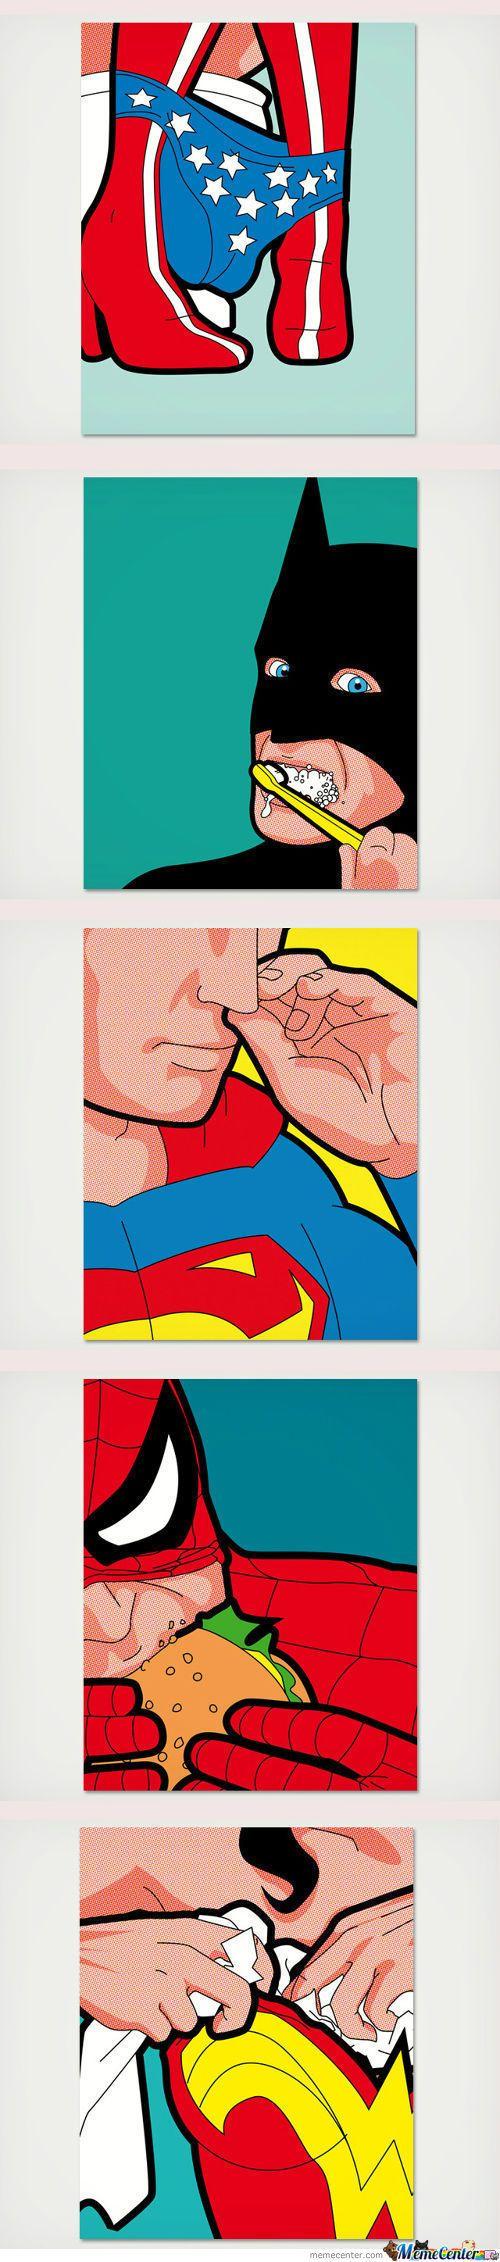 Normal Superheroes